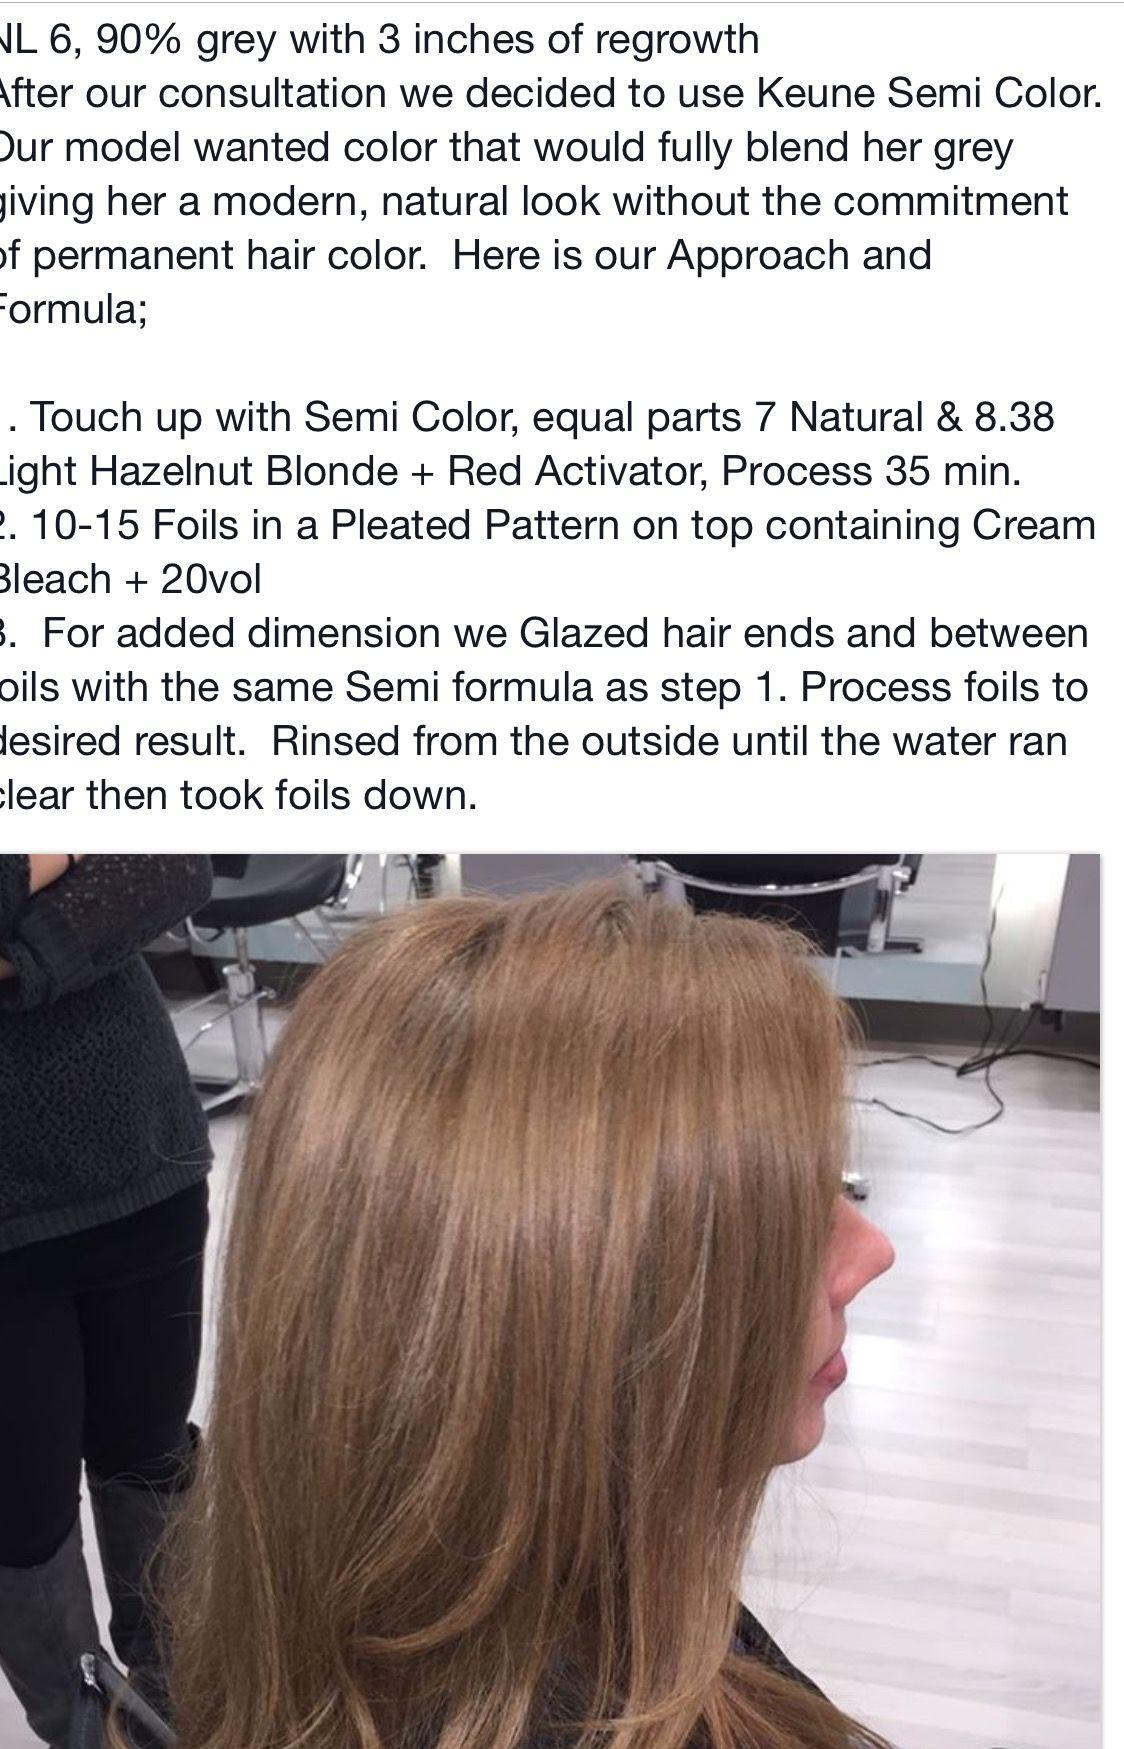 Skillful Number Keune Shade Card Keune Hair Color Shades Chart 2020 In 2020 Hair Dye Color Chart Hair Dye Colors Dyed Hair